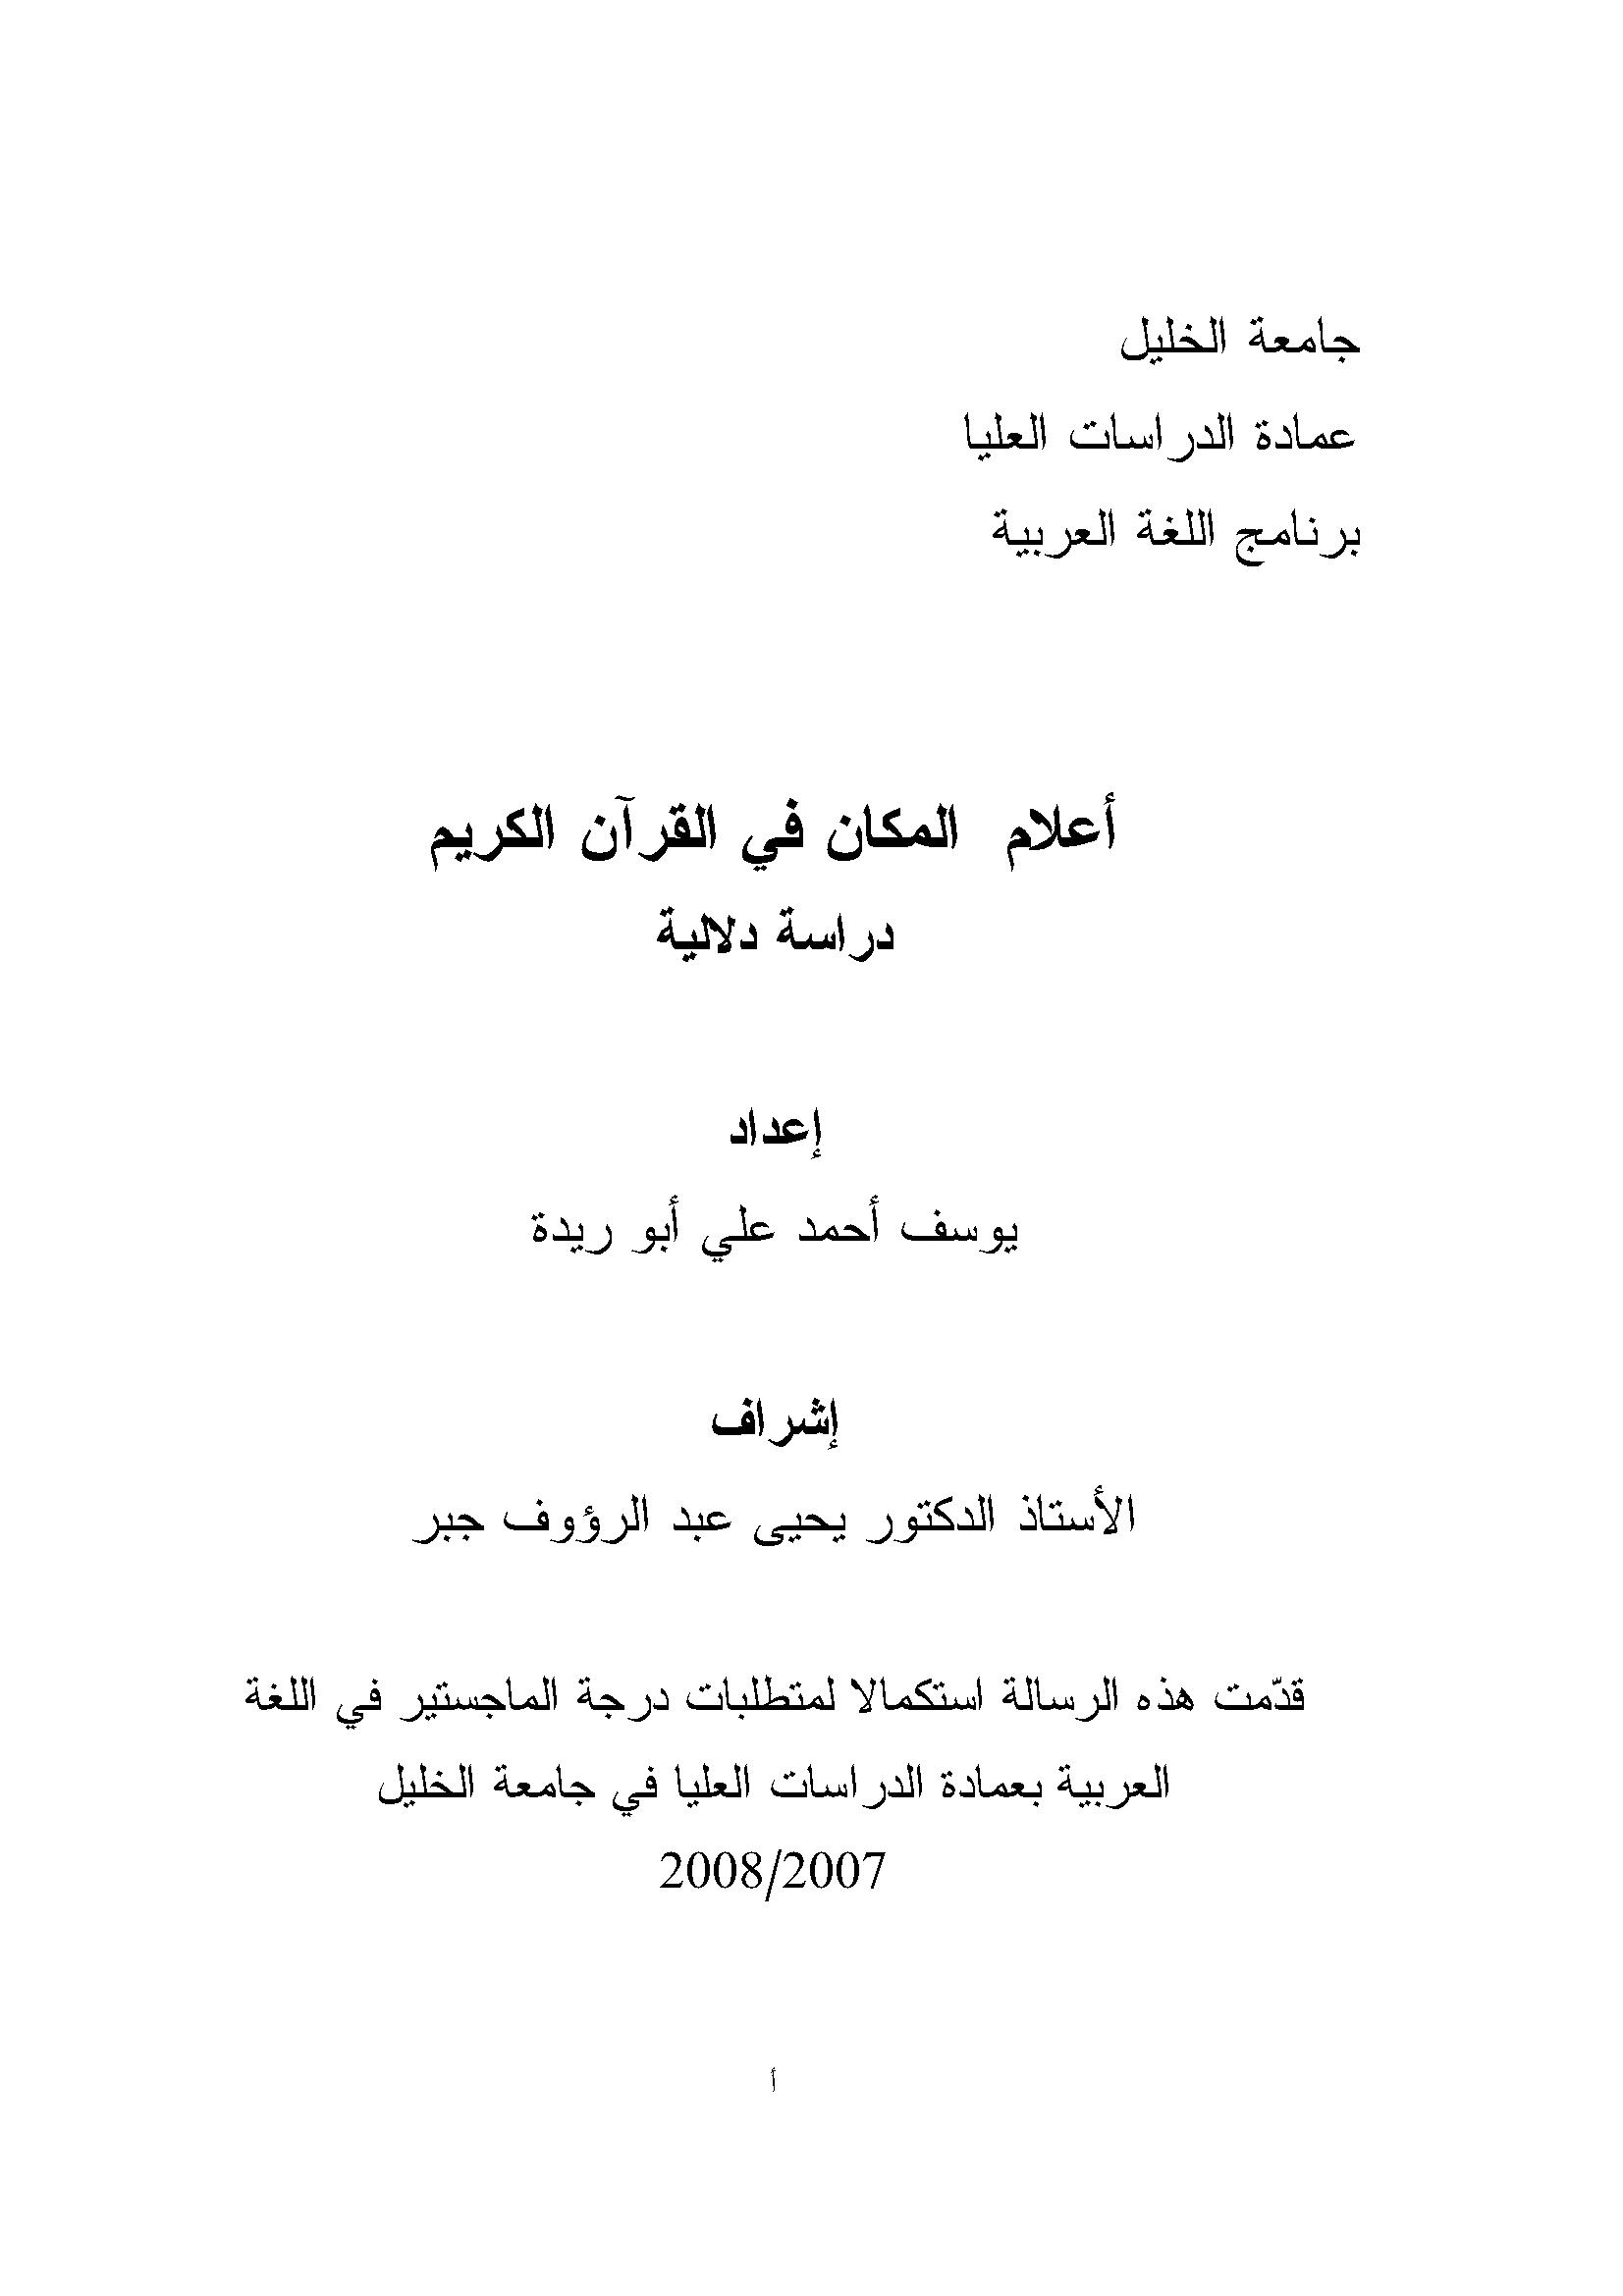 تحميل كتاب أعلام المكان في القرآن الكريم (دراسة دلالية) لـِ: يوسف أحمد علي أبو ريدة